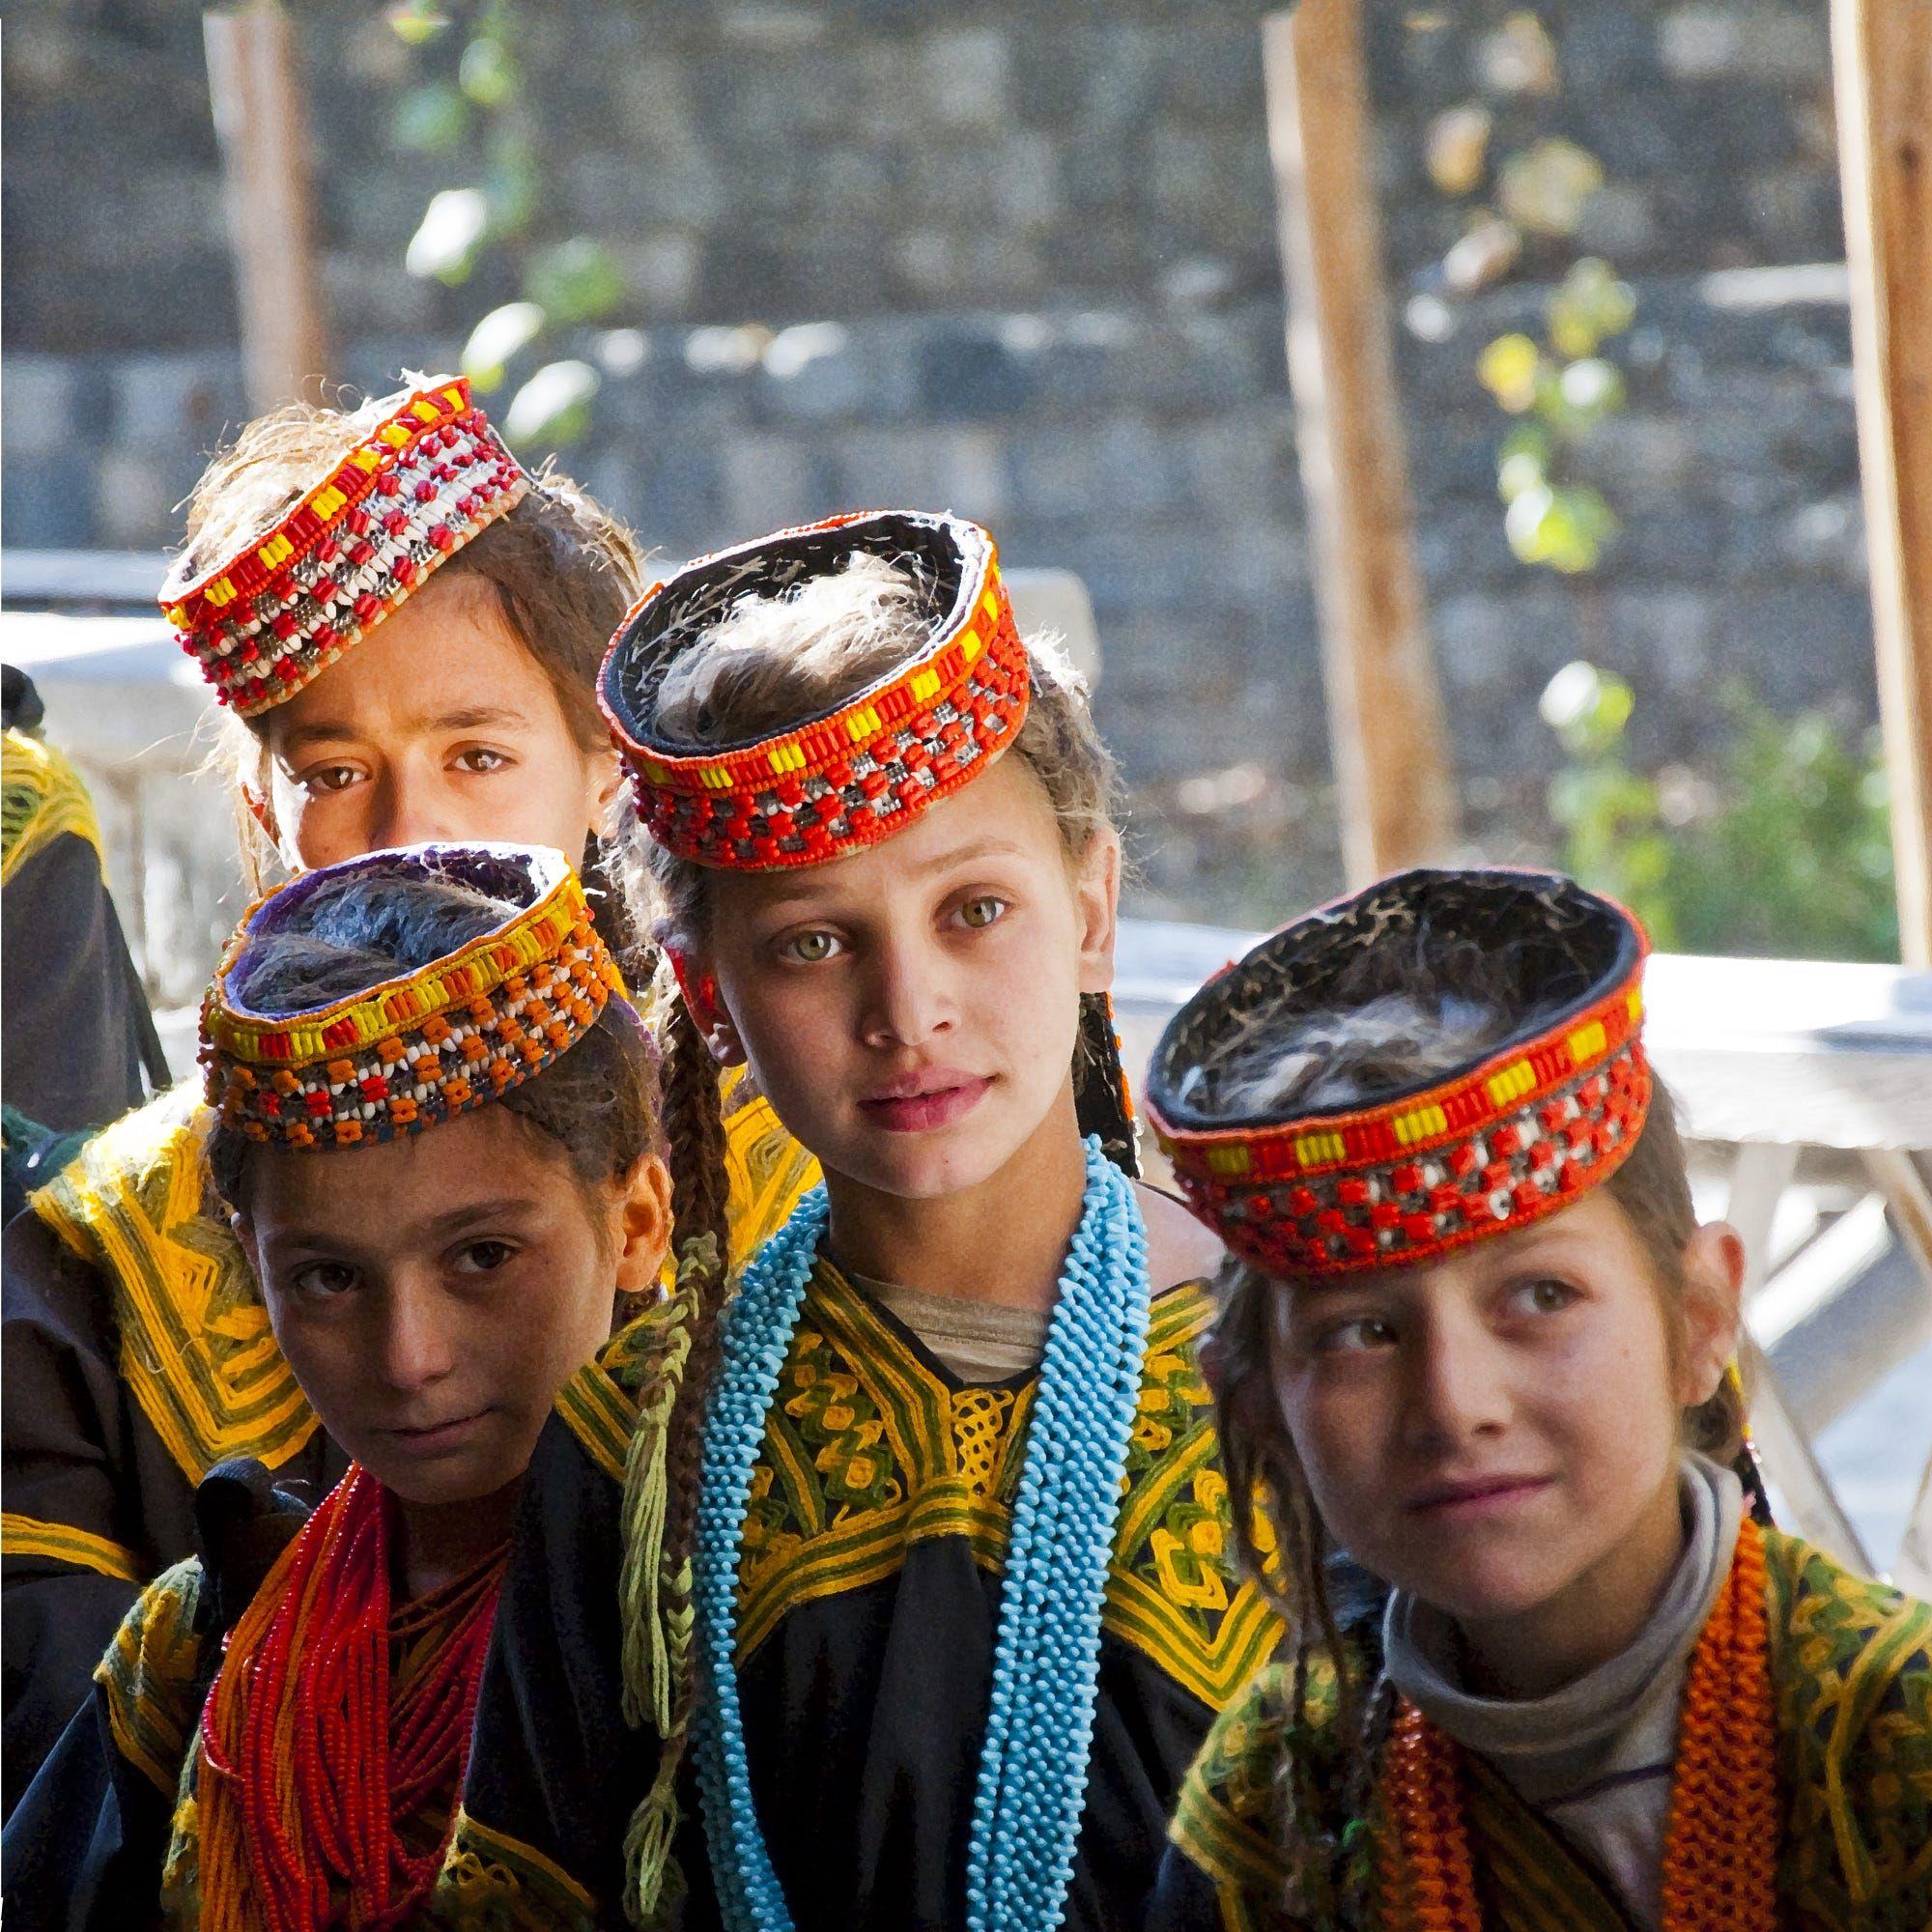 фото смесь национальностей украина туркмены особое внимание